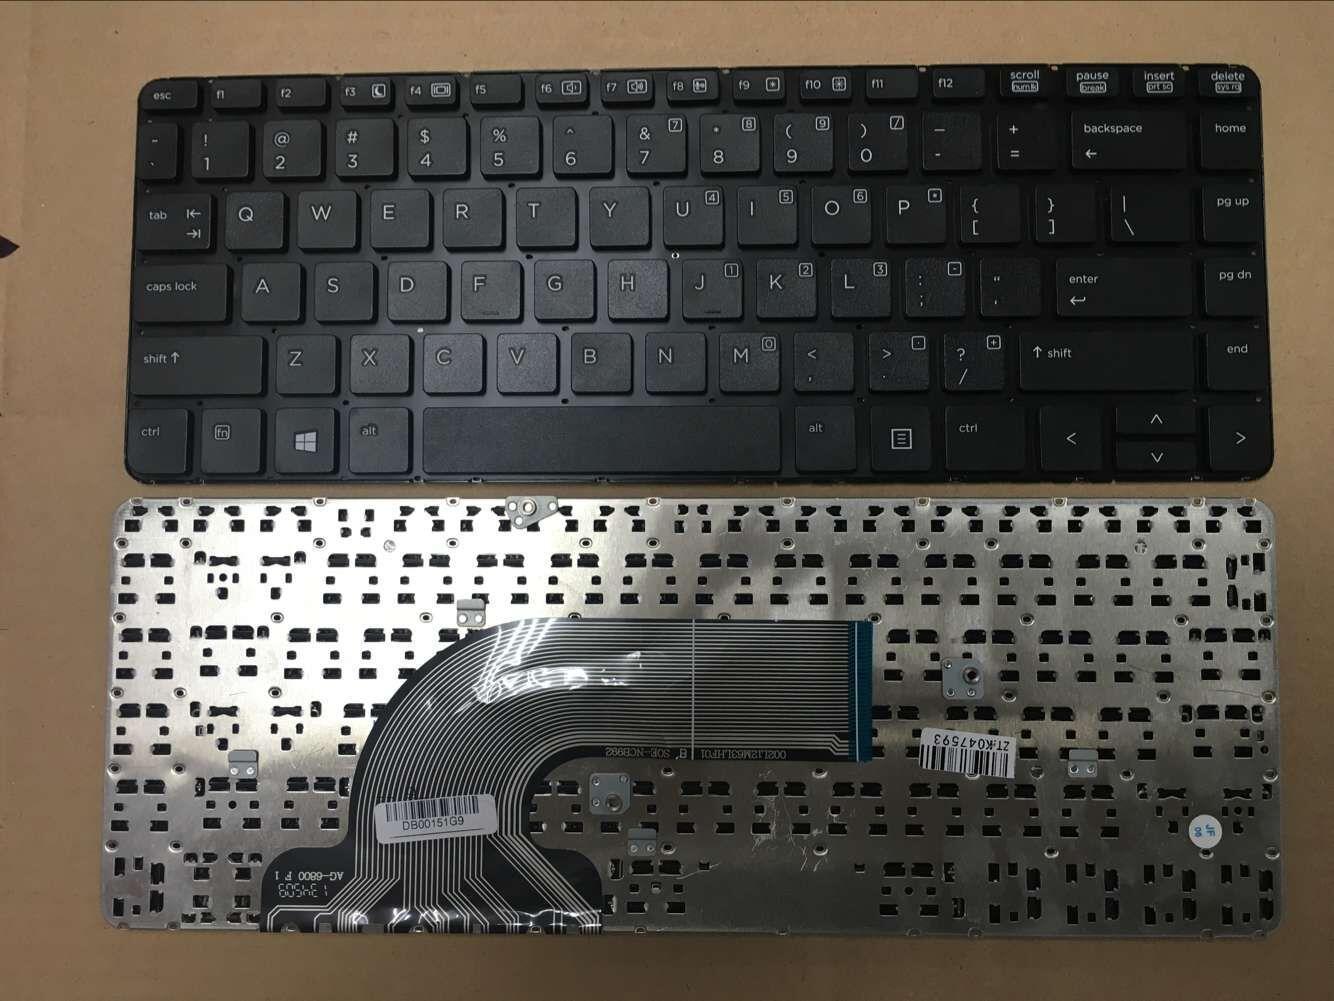 Thay bàn phím laptop HP 640 G1 giá rẻ tại Hà Nội